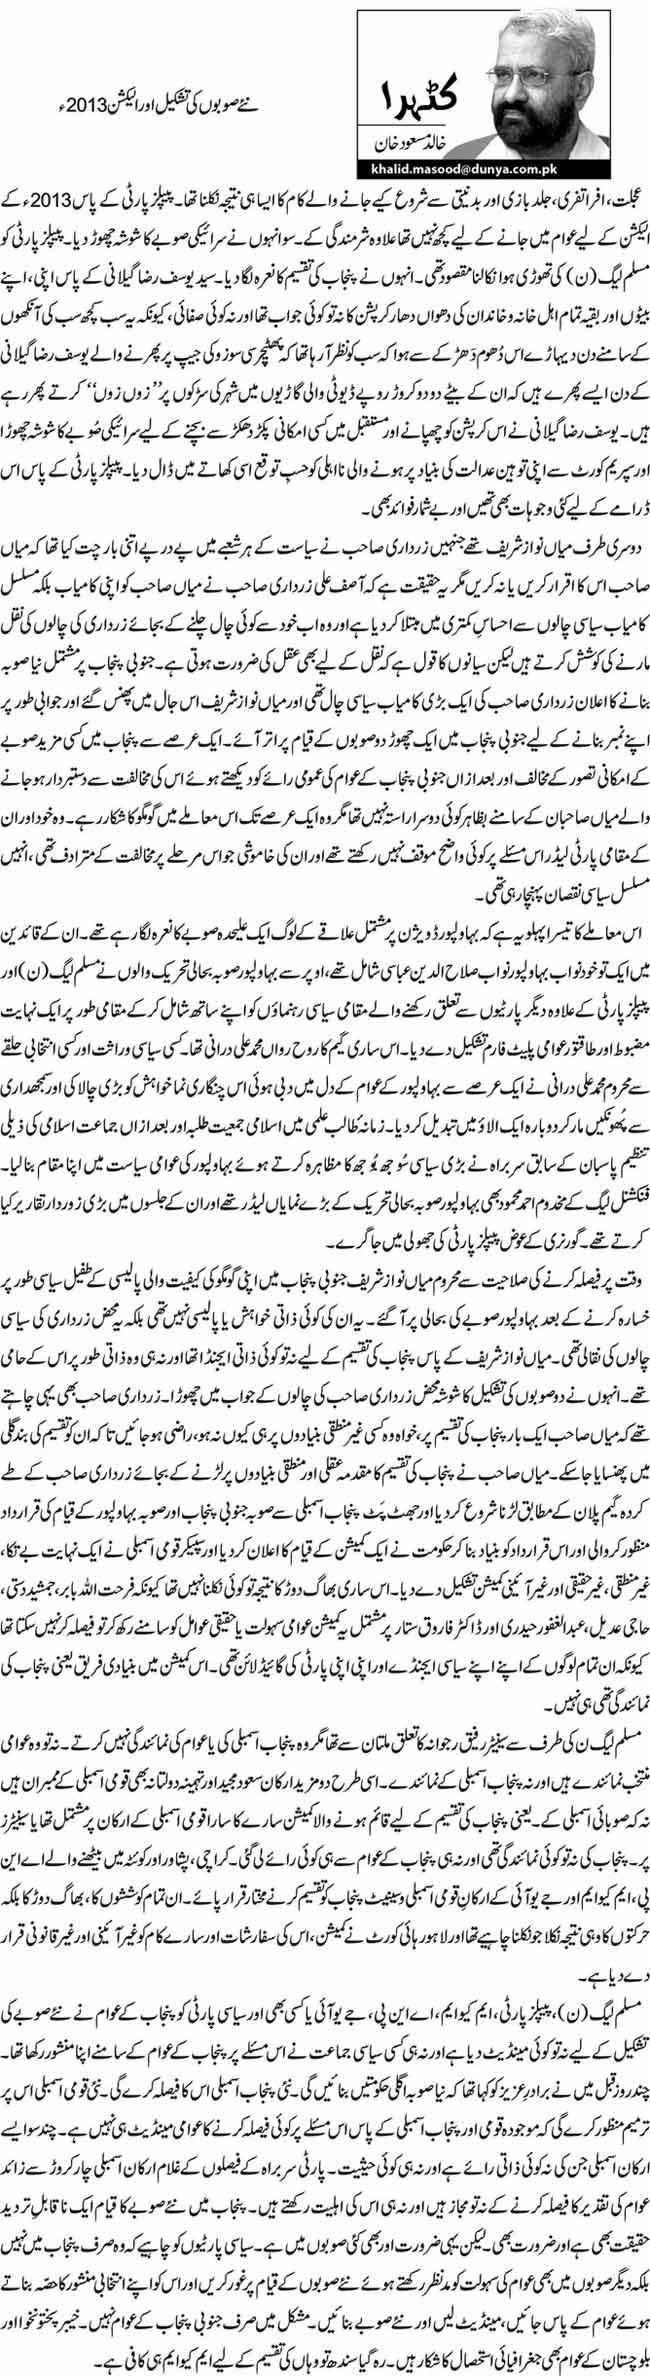 نئے صوبوں کی تشکیل اور الیکشن 2013ء